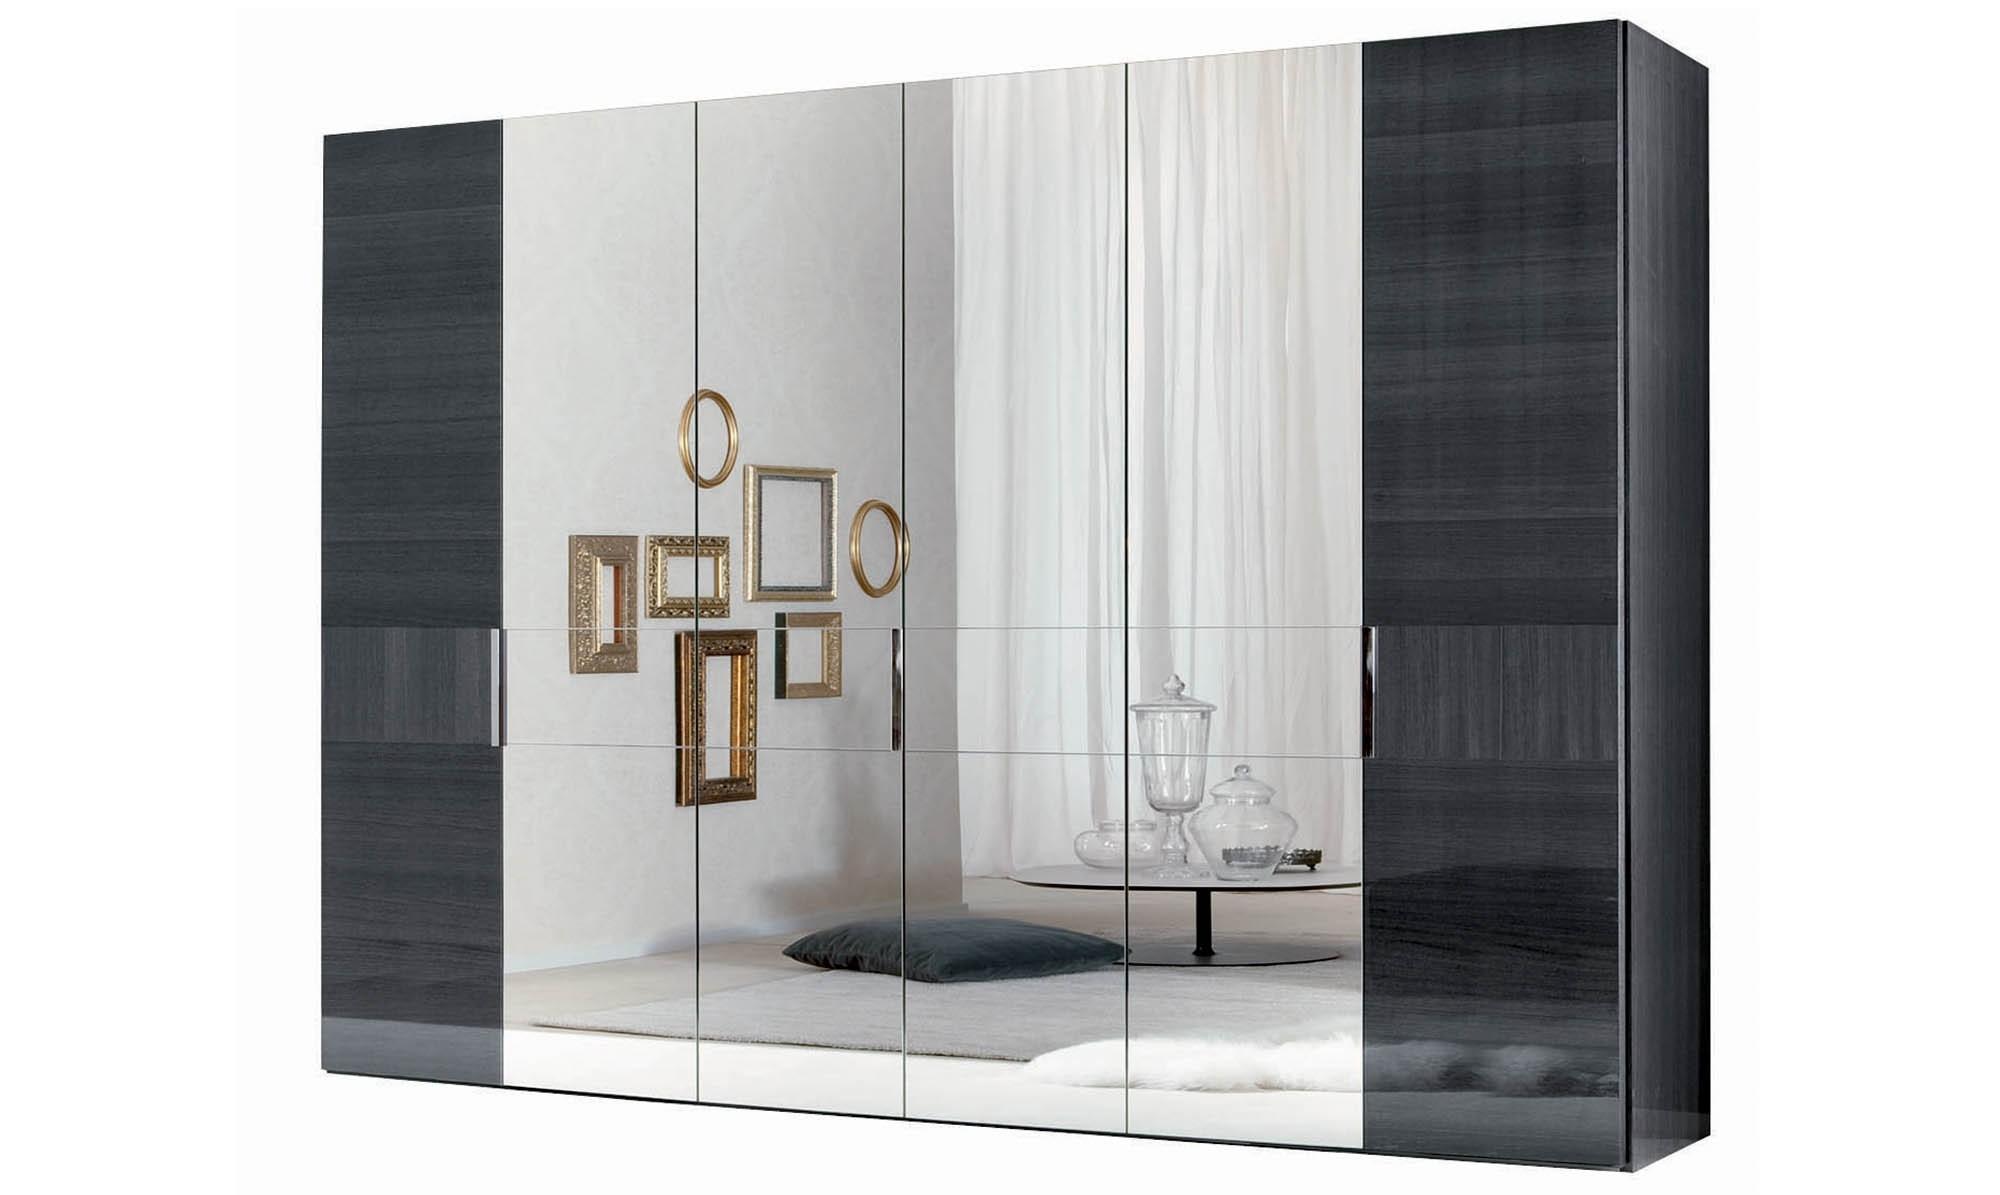 Popular 4 Door Mirrored Wardrobes For Antibes – 6 Door Hinged Wardrobe 4 Mirror Doors Finish – All (View 6 of 15)